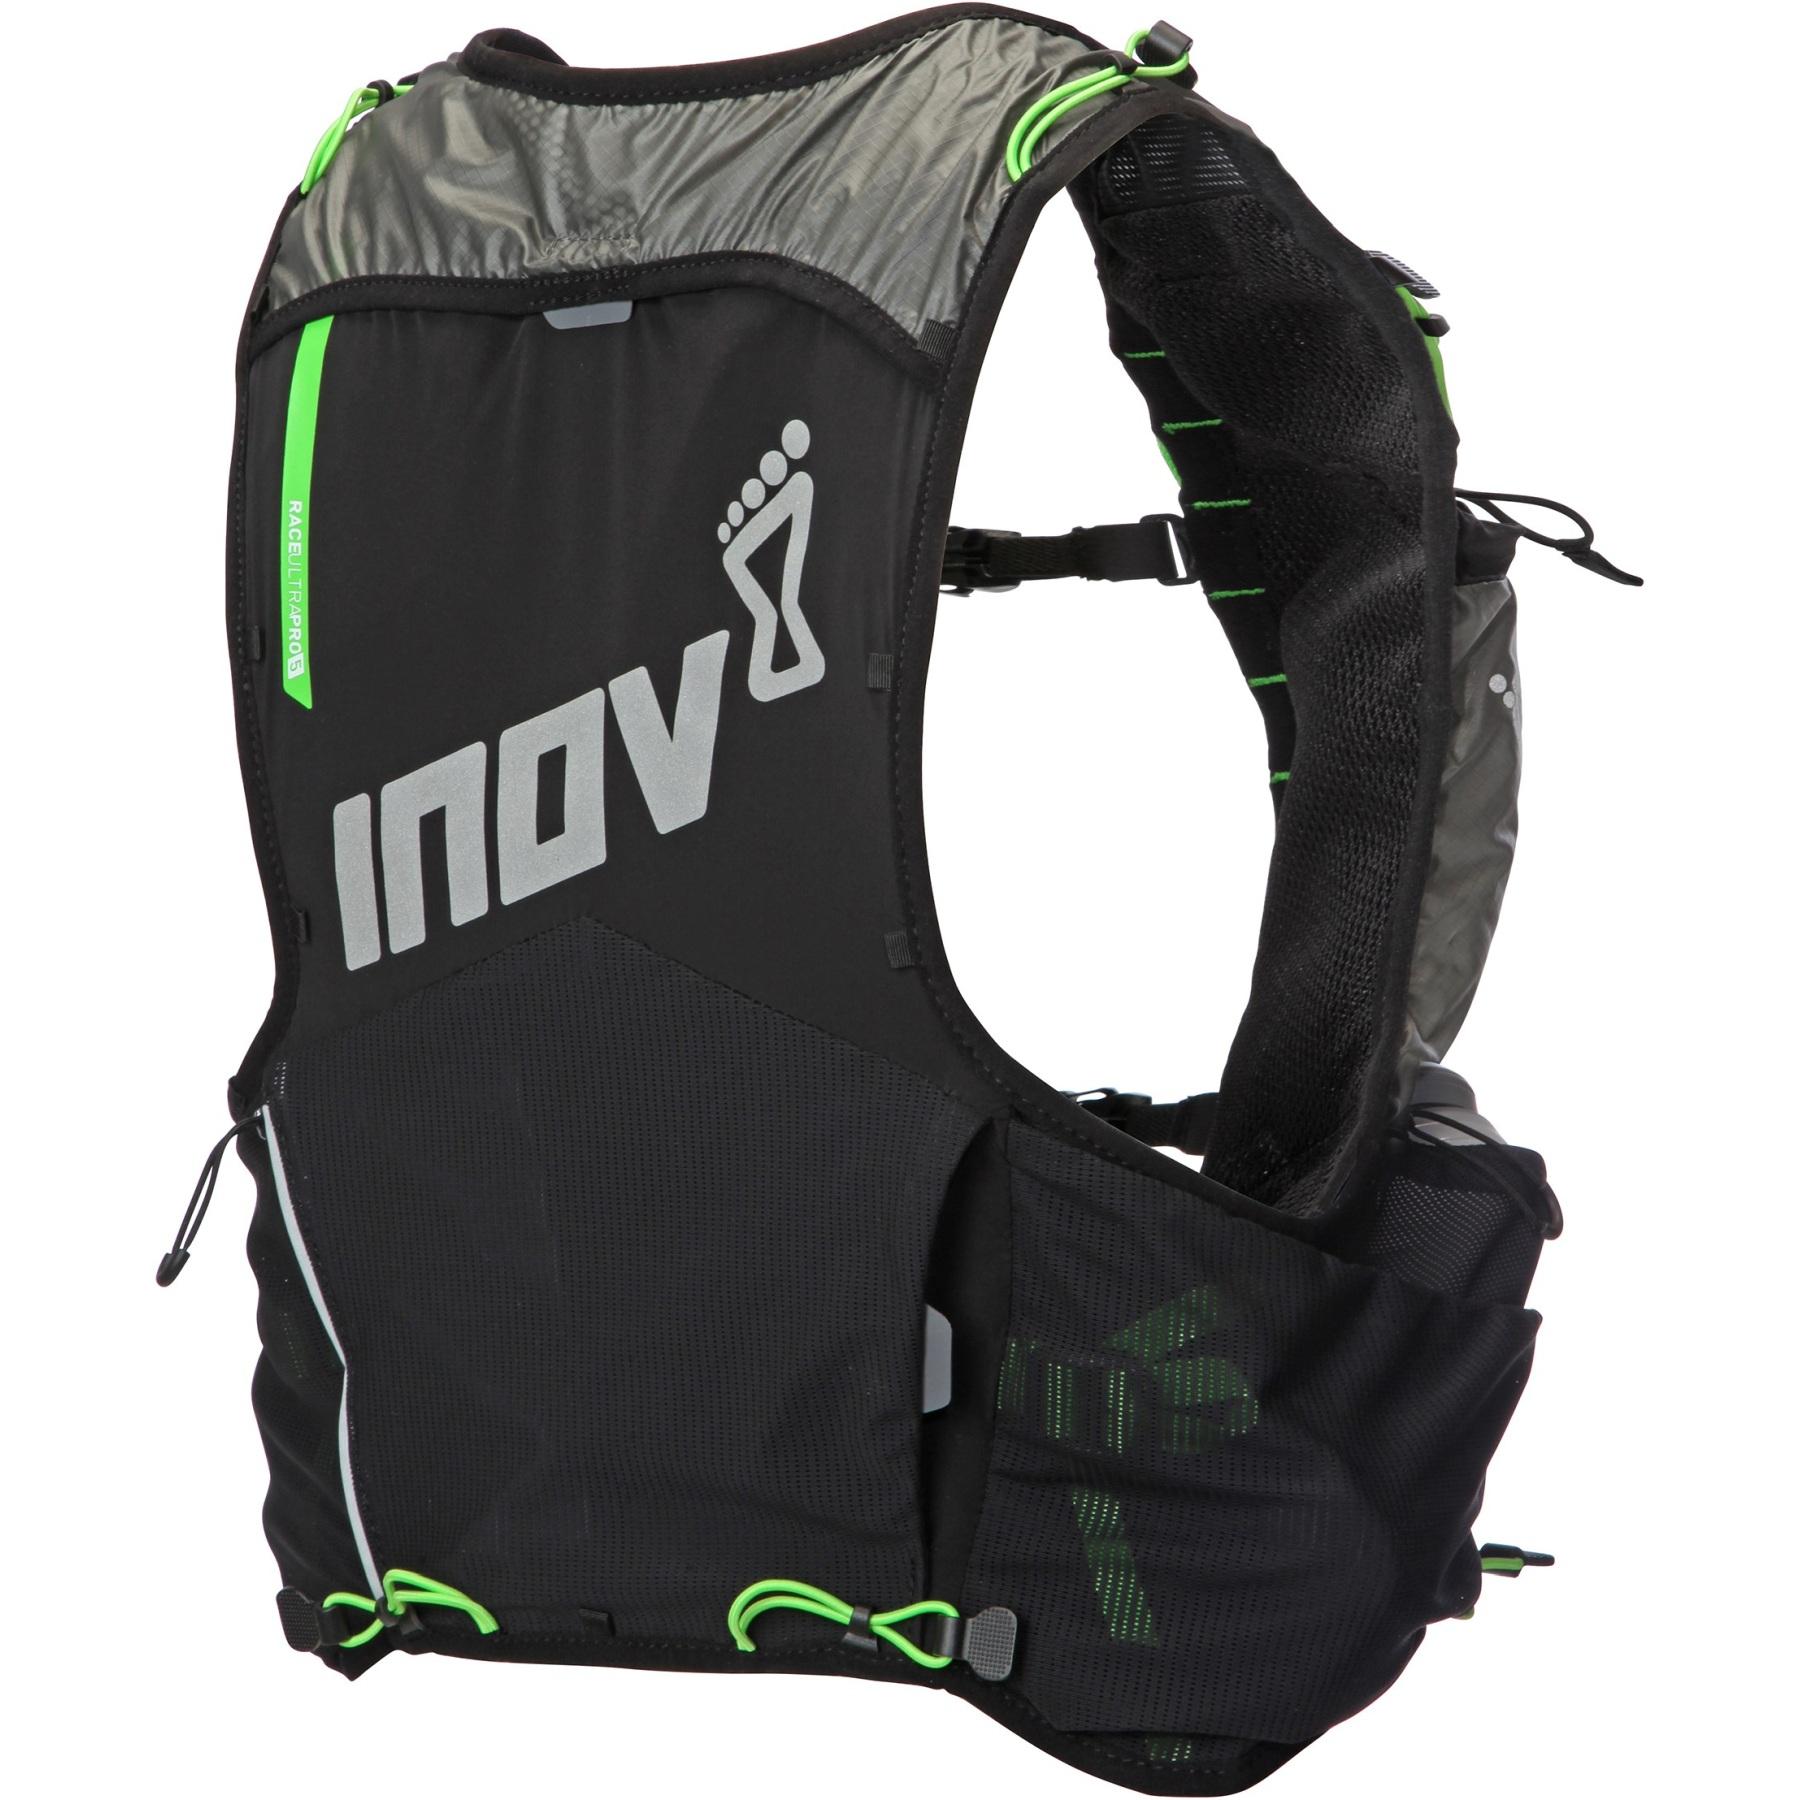 Produktbild von Inov-8 Race Ultra Pro 5 Weste - black/green